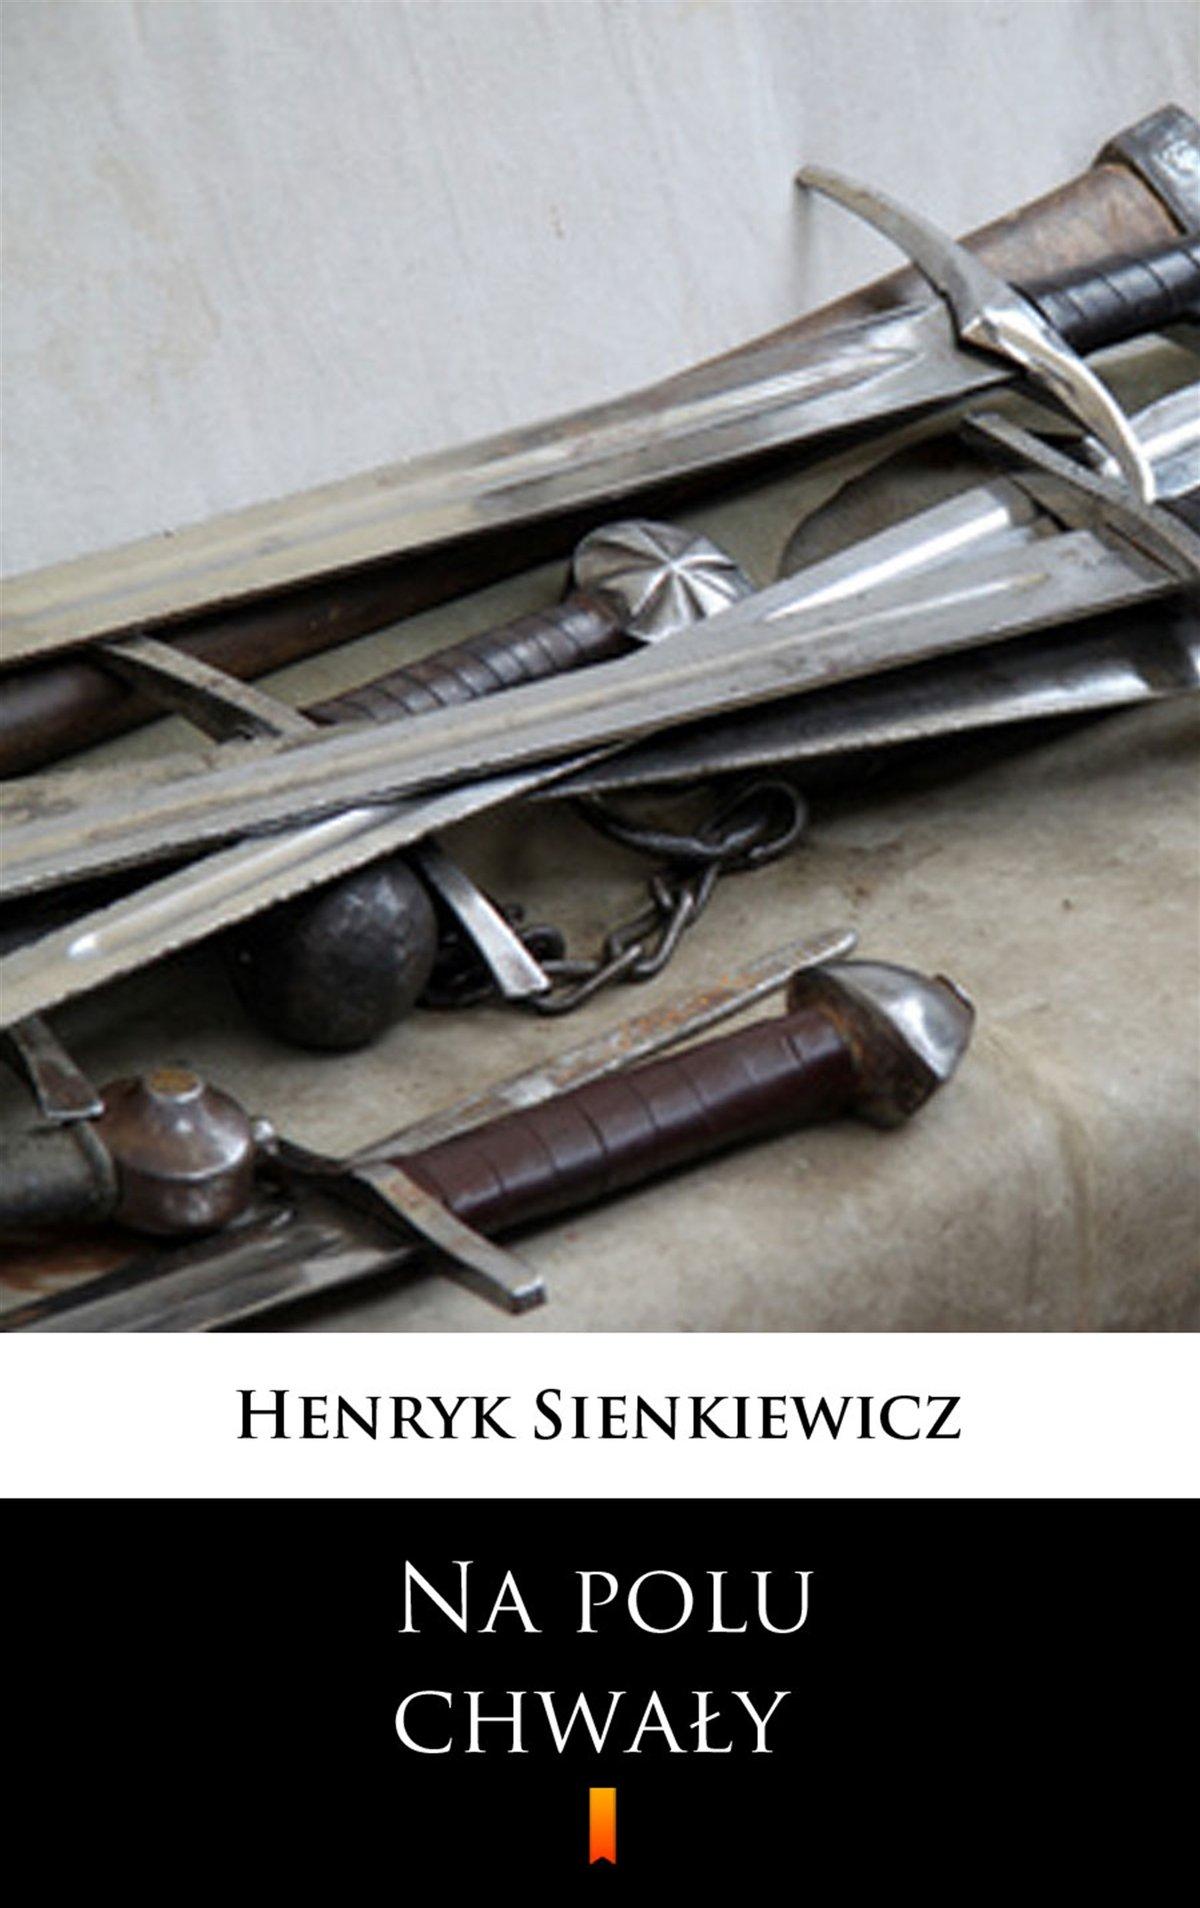 Na polu chwały - Henryk Sienkiewicz